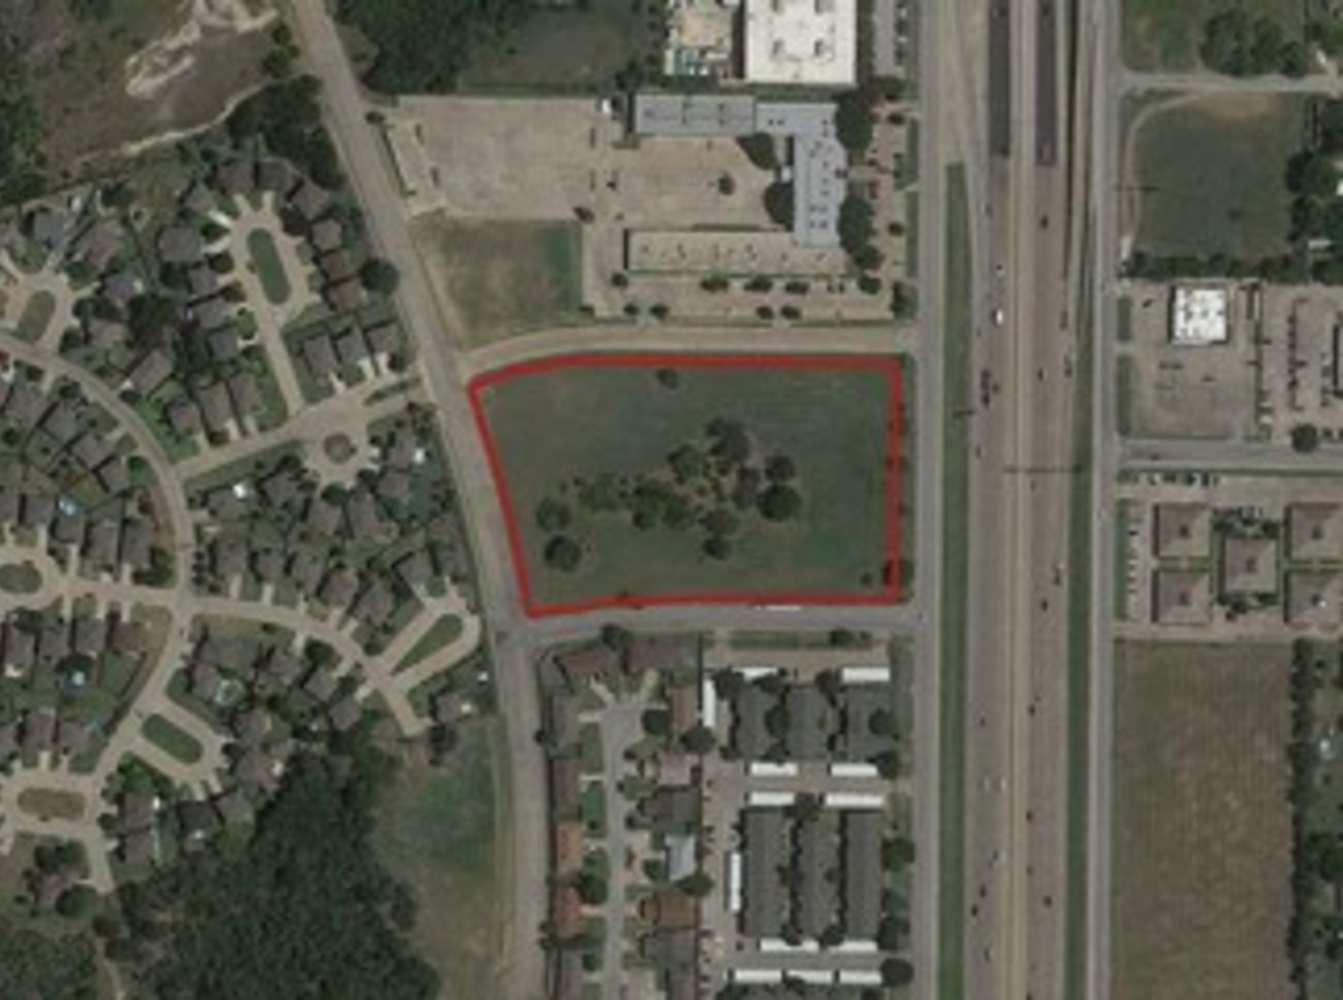 Land Fort worth, 76112 - 6799 Vistaview Dr